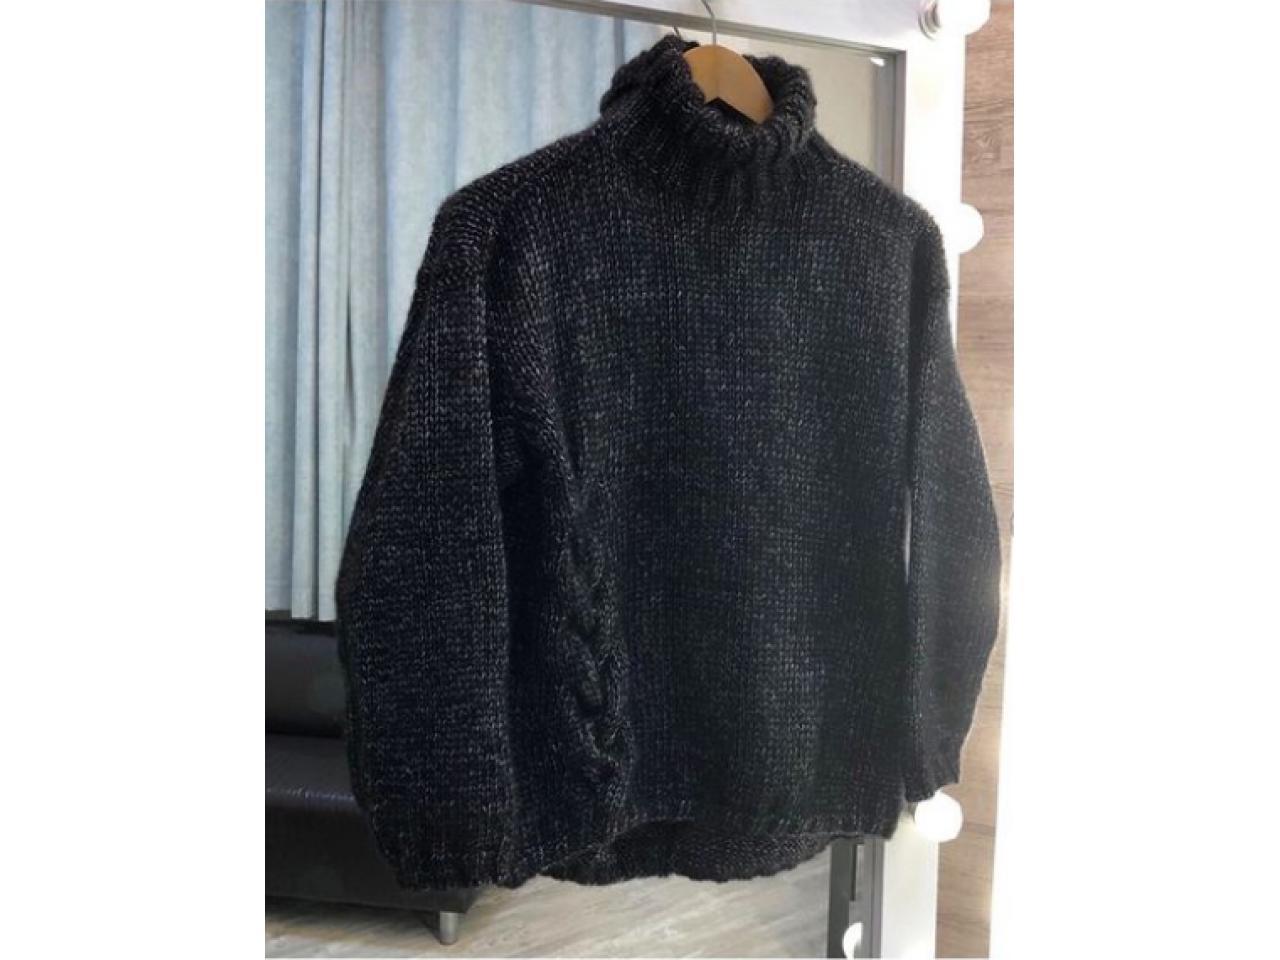 Джемпера и пуловеры ручной работы - 7